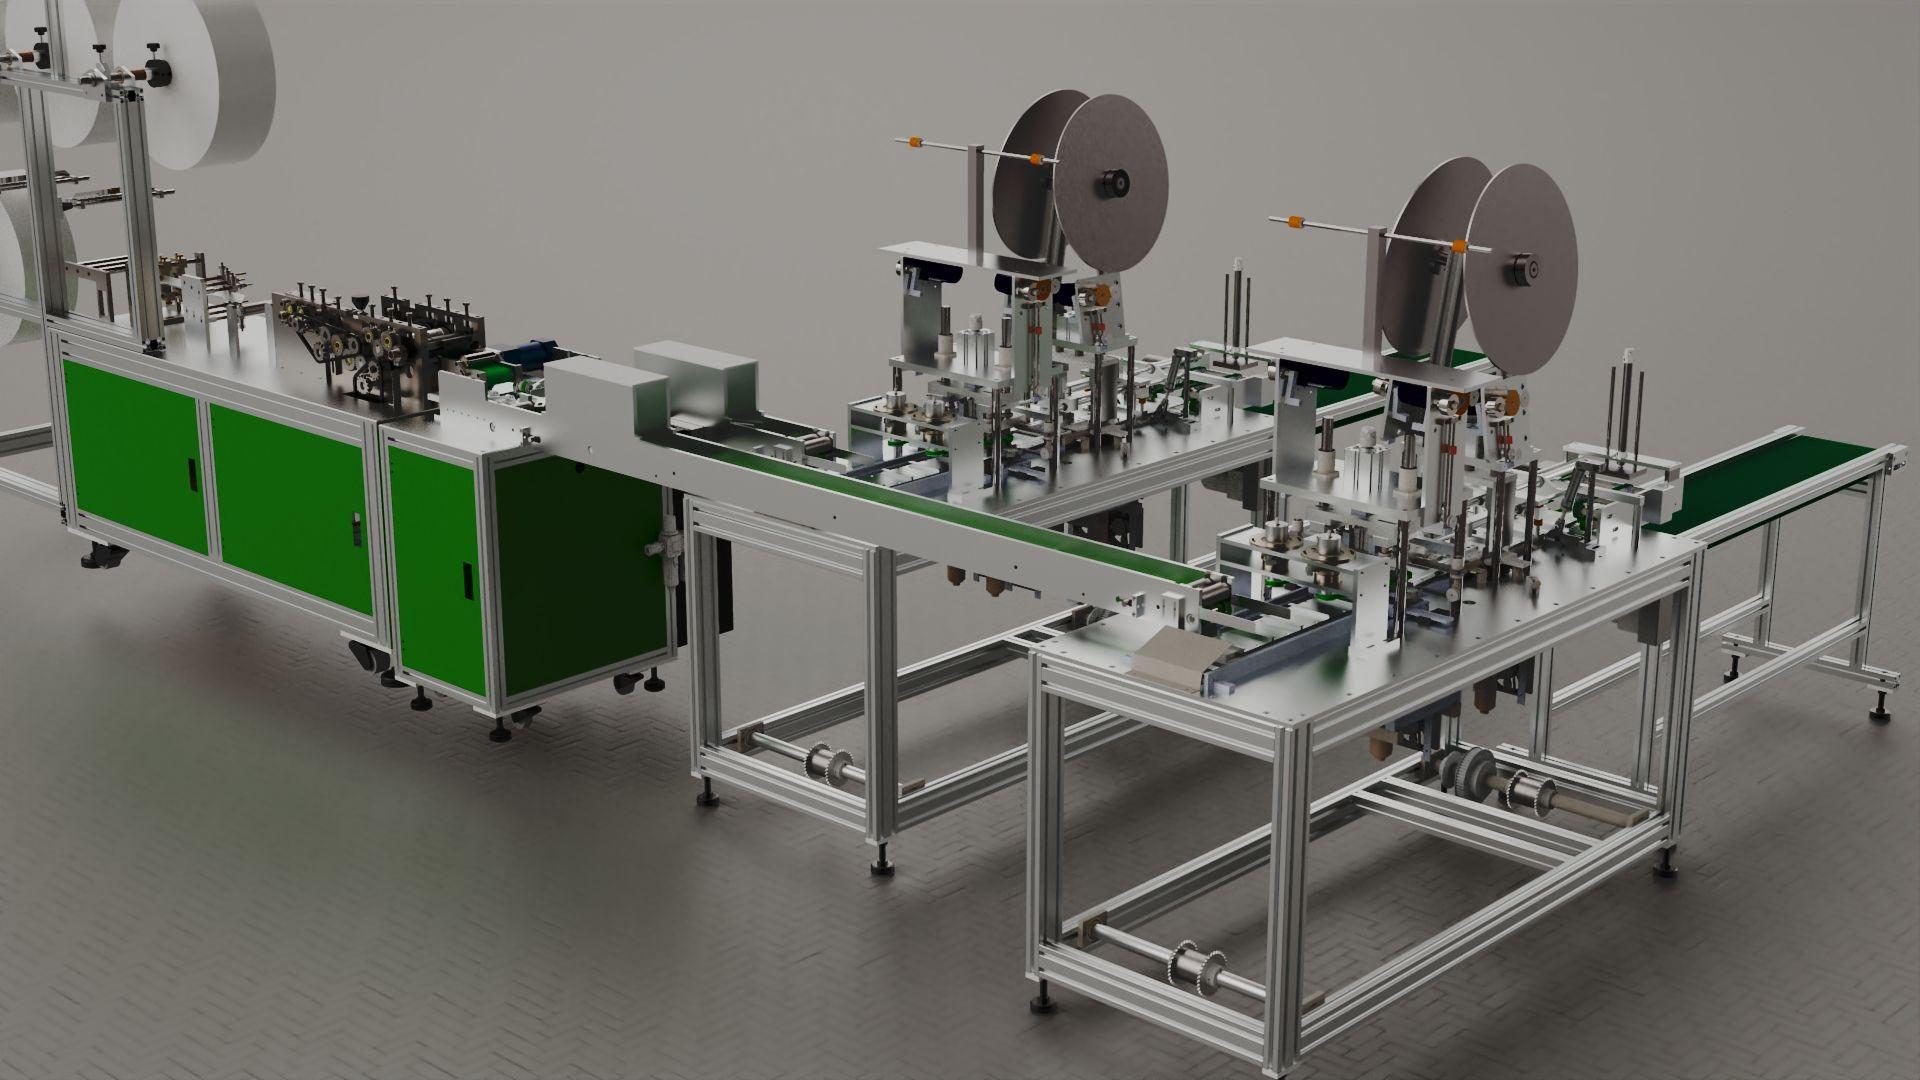 MBL Maschinenbau Masken Produktion